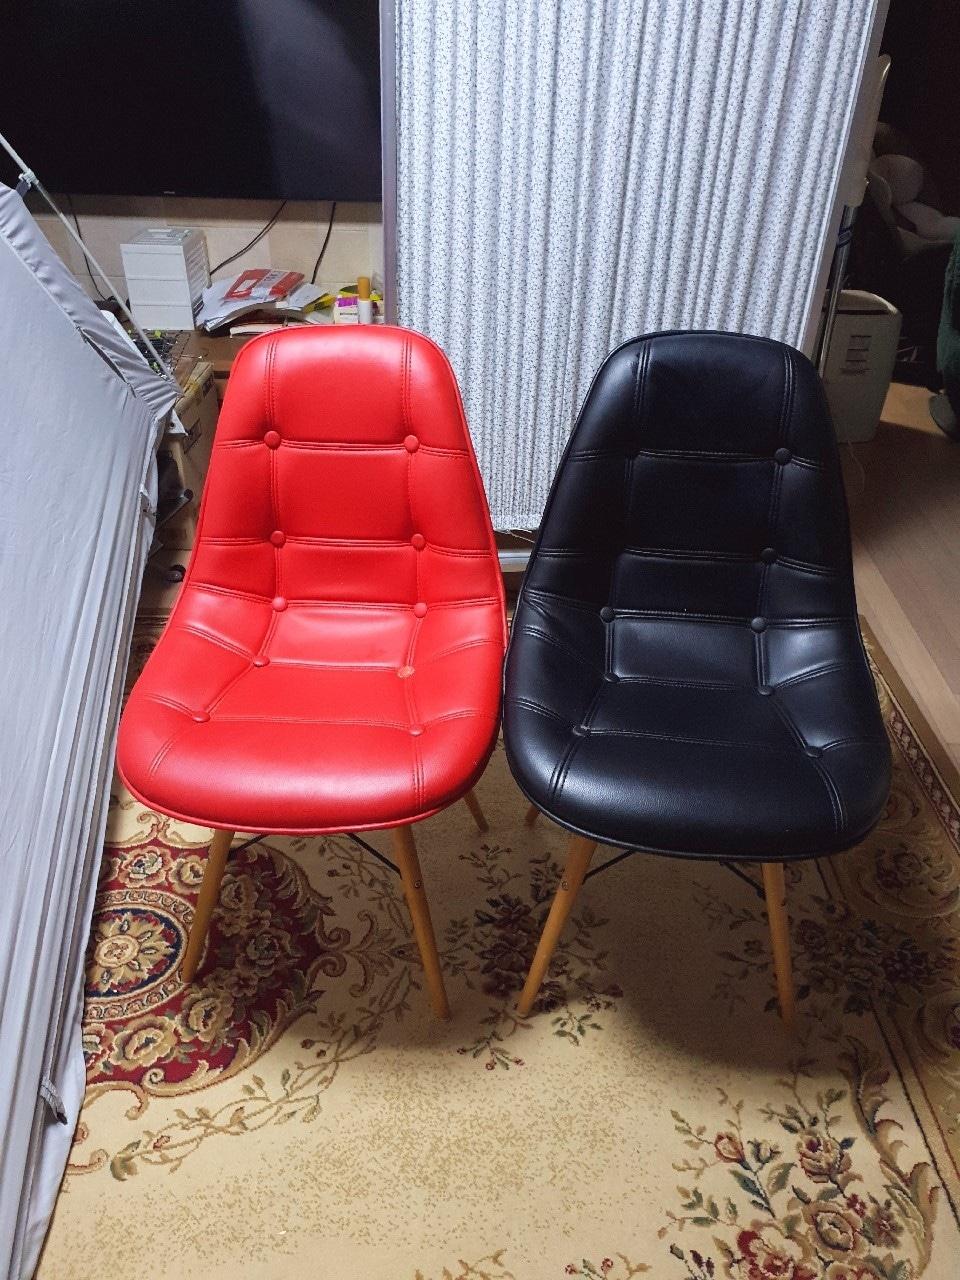 개별구매가능)단추스틸의자 철제 빈티지 카페인테리어의자 단추패션의자 에그의자